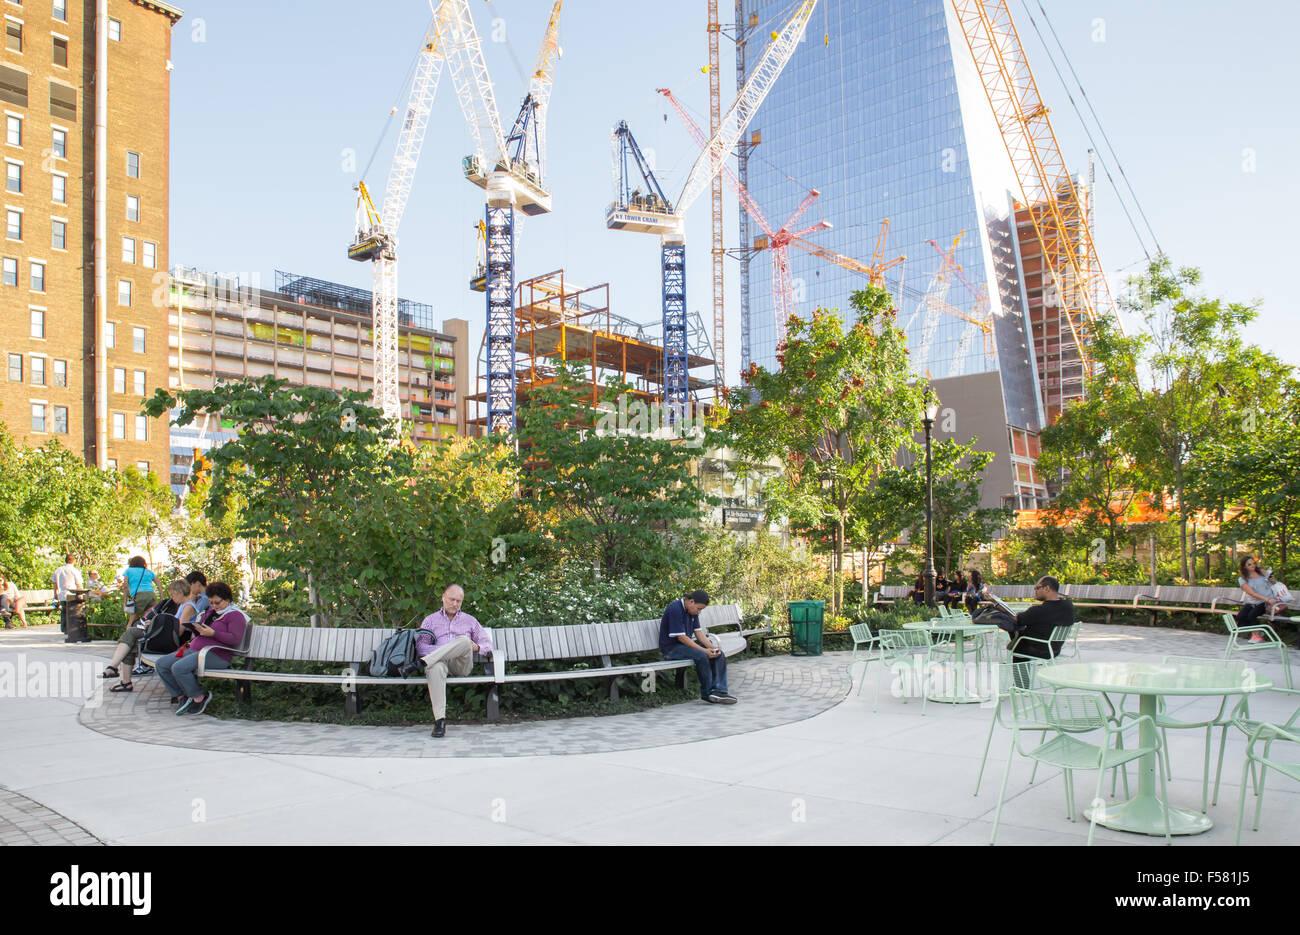 NEW YORK - 14 septembre 2015: voir de nouveau Chantiers Hudson Park à Manhattan avec les personnes visibles. Photo Stock